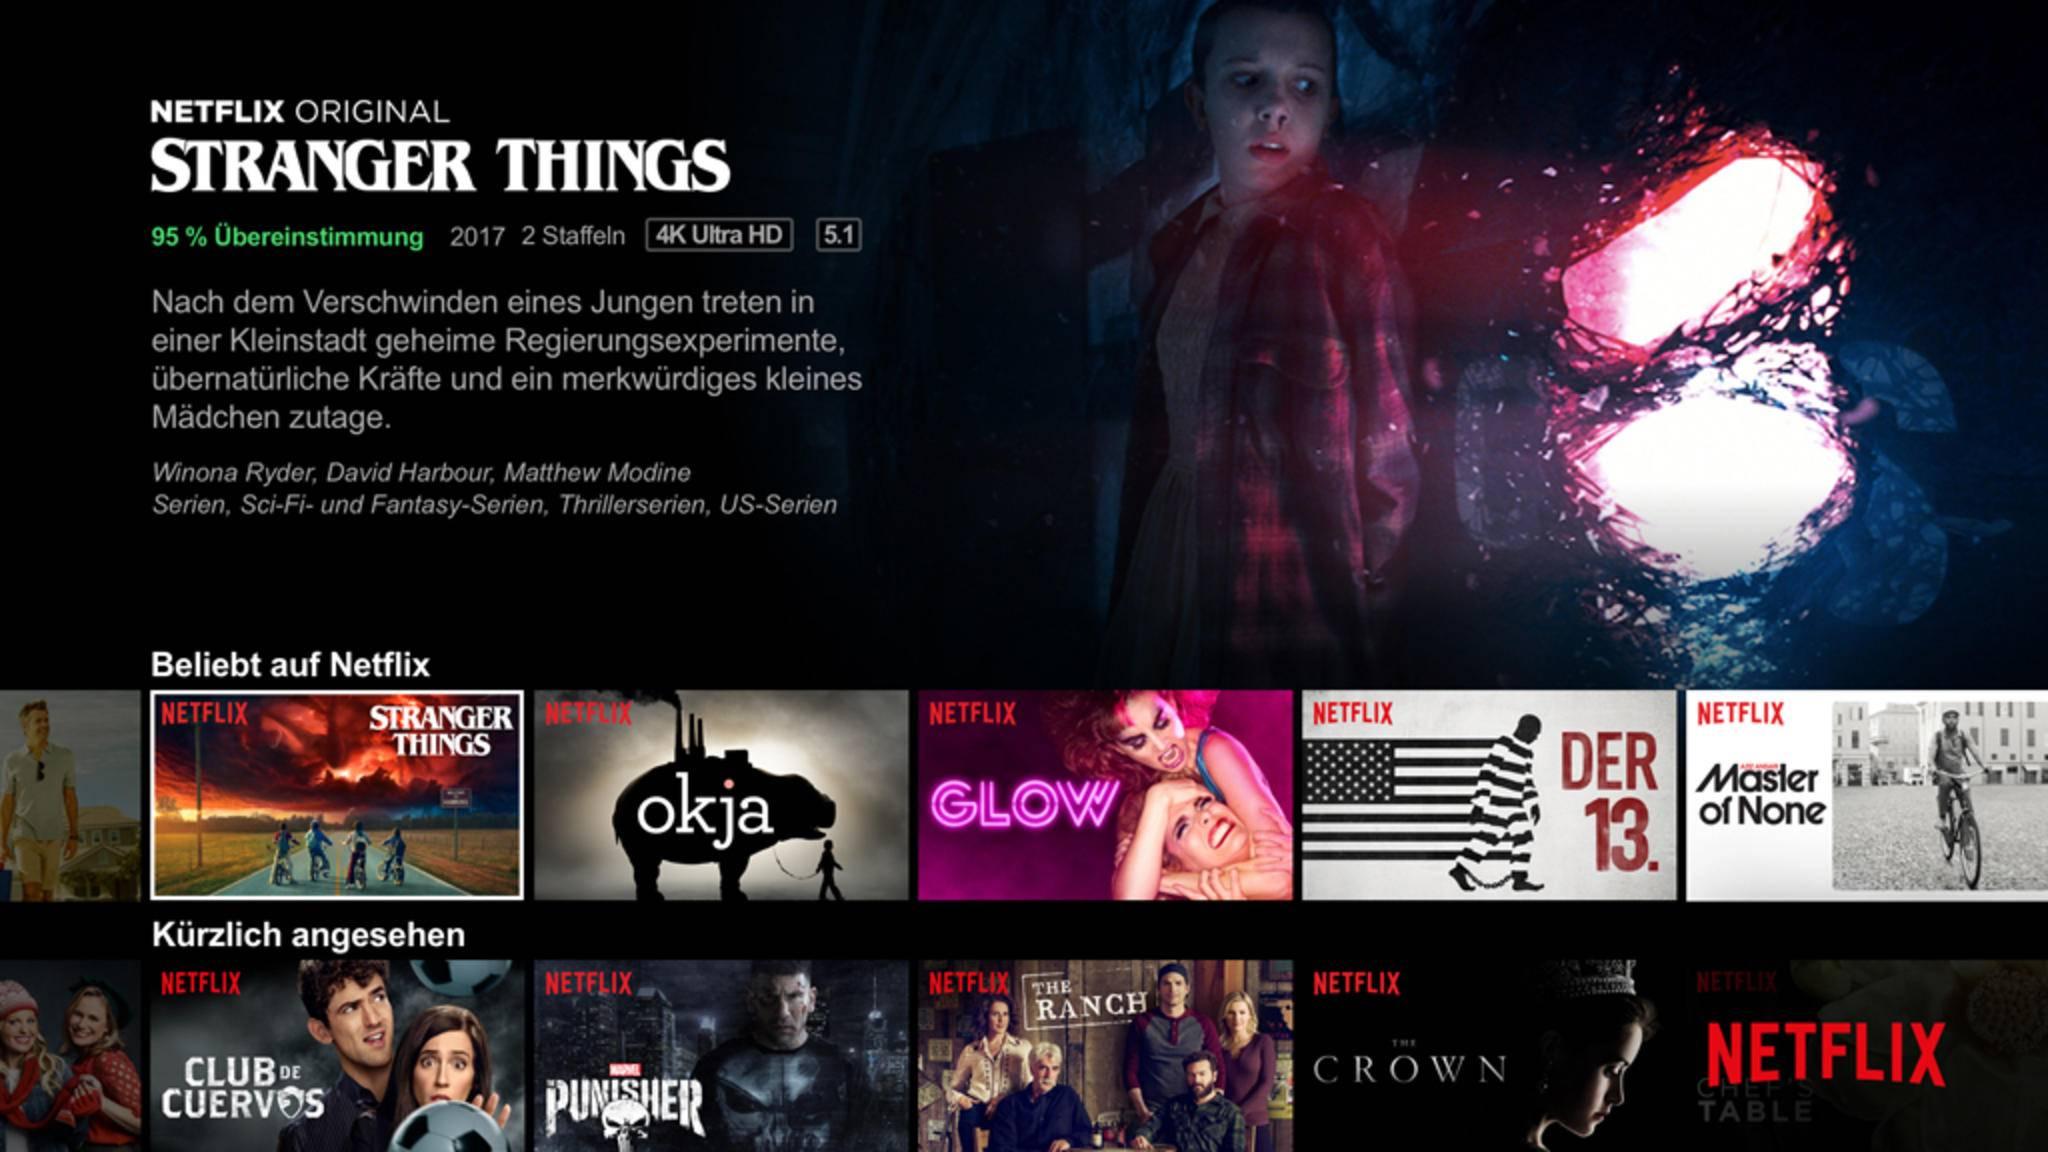 Du willst bei Netflix Dein Passwort ändern? Das ist leichter als gedacht.